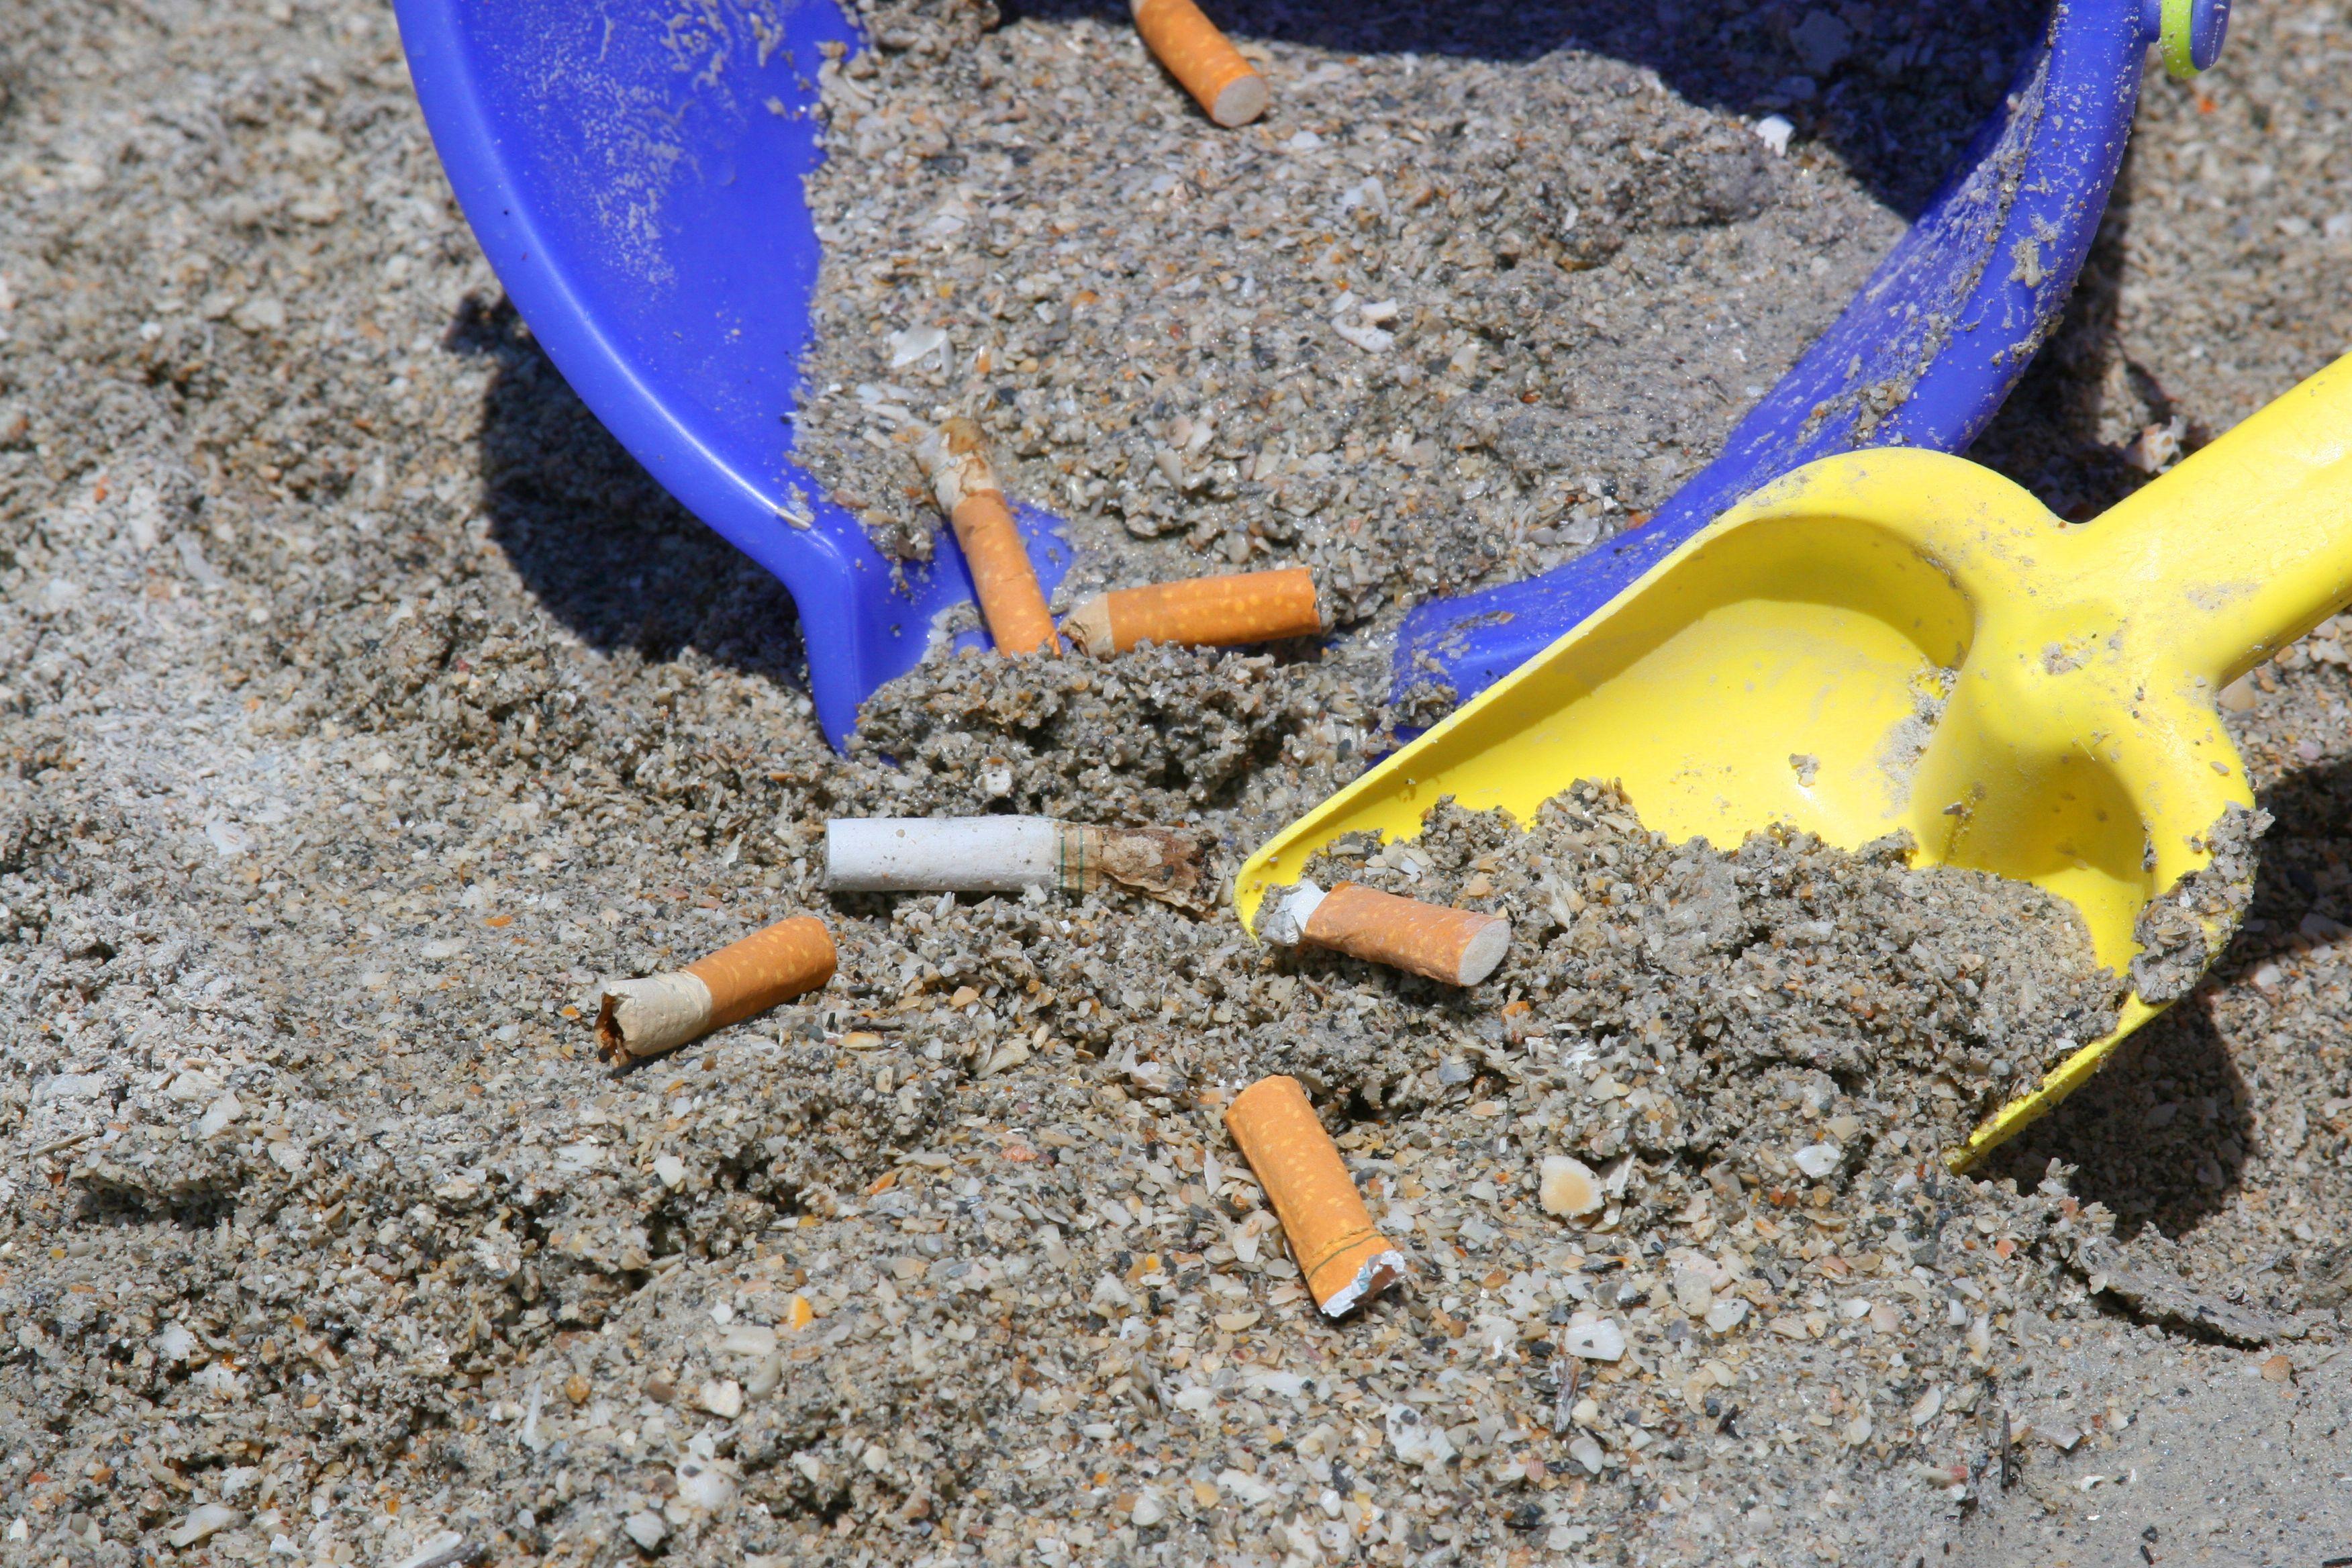 Milano, Campagna contro Mozziconi Sigarette